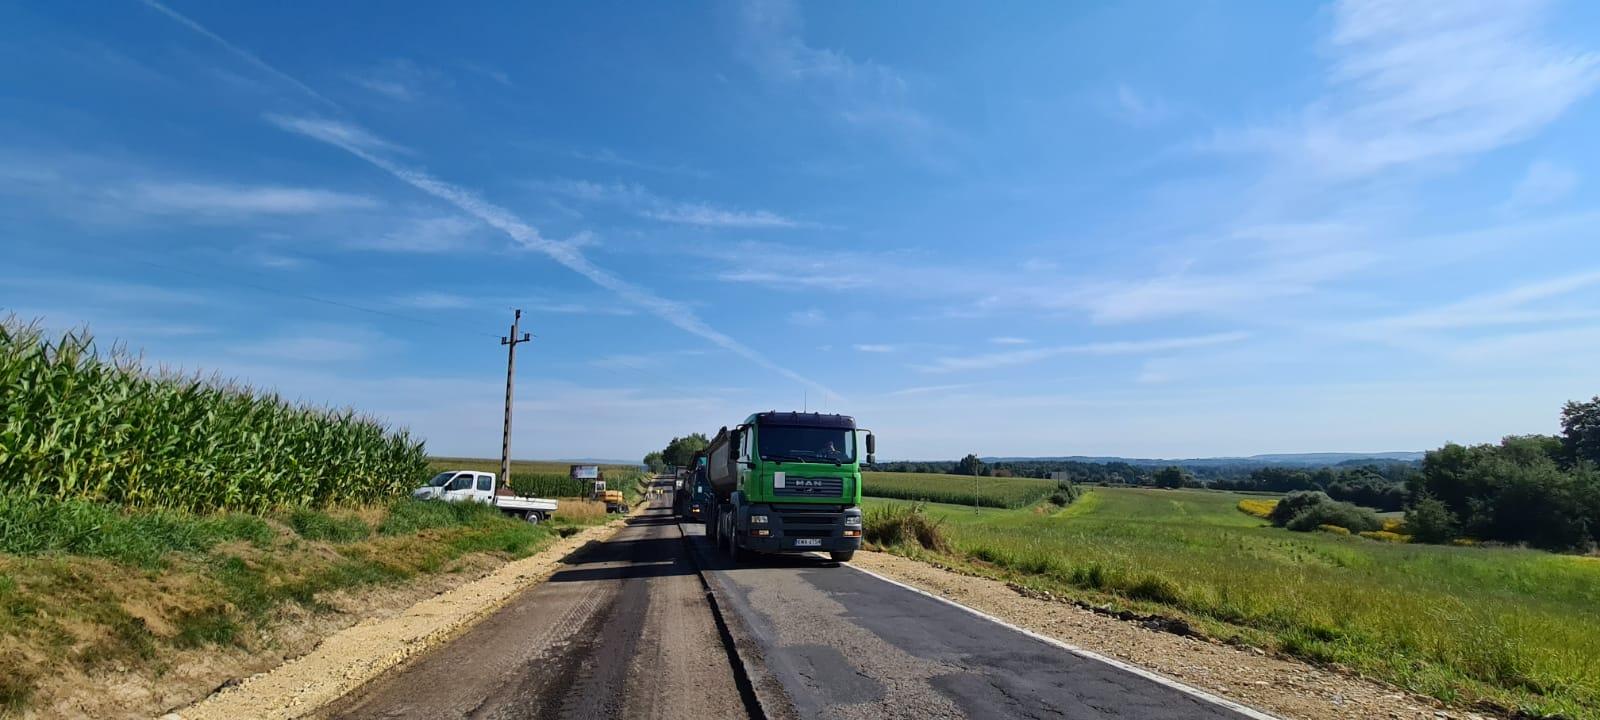 Utrudnienia na drodze Andrychów - Zator. Rozpoczął się remont [FOTO]